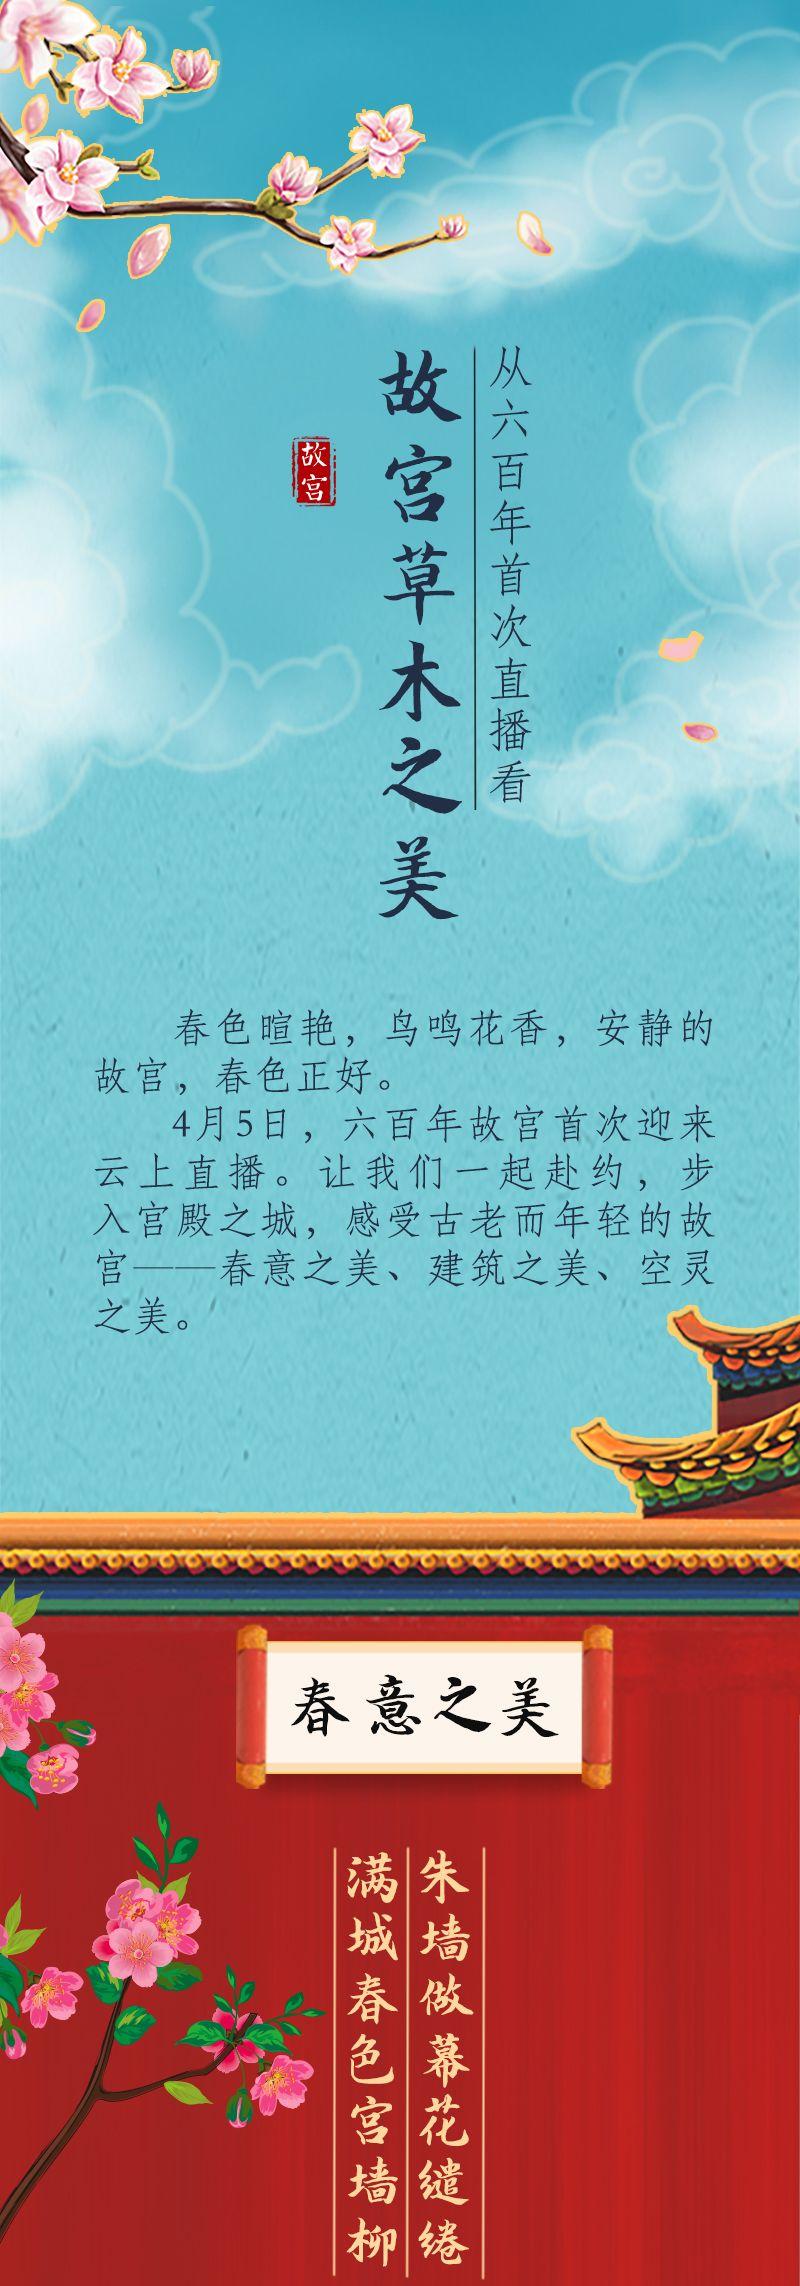 长图丨从600年首次直播看故宫草木之美图片